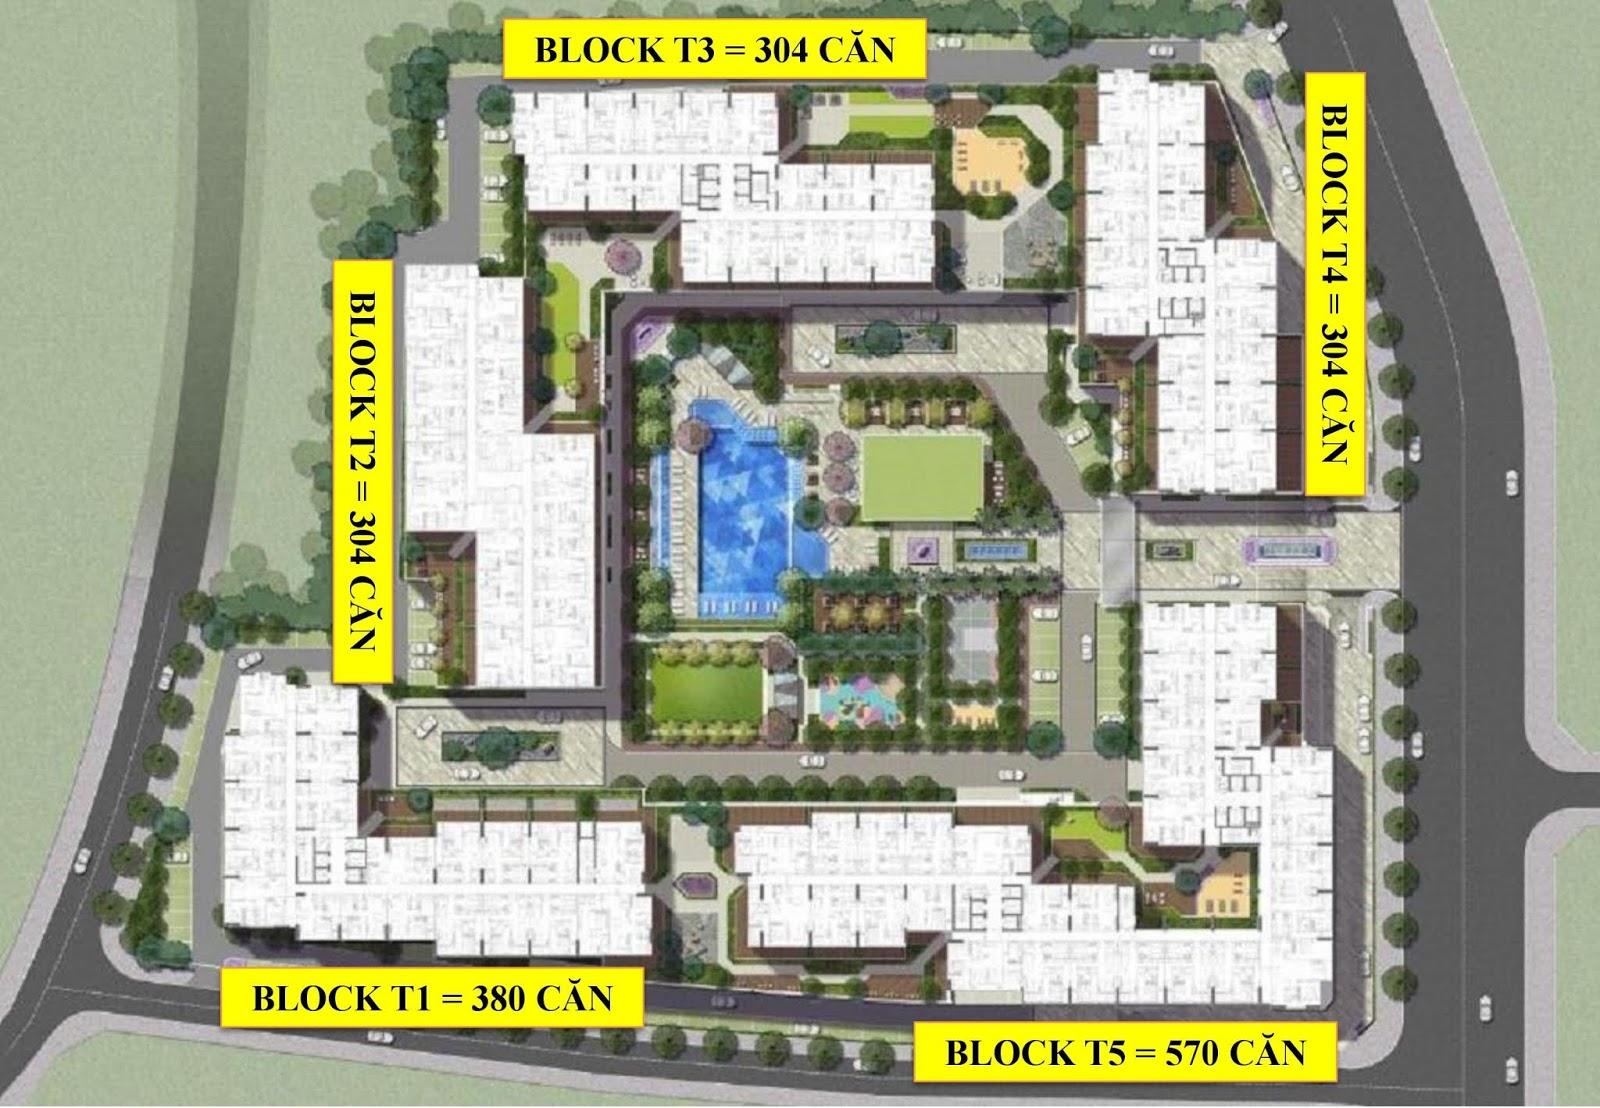 Akari là tổ hợp căn hộ với thiết kế Chuẩn phong cách Nhật Bản ngay đại lộ Võ Văn Kiệt